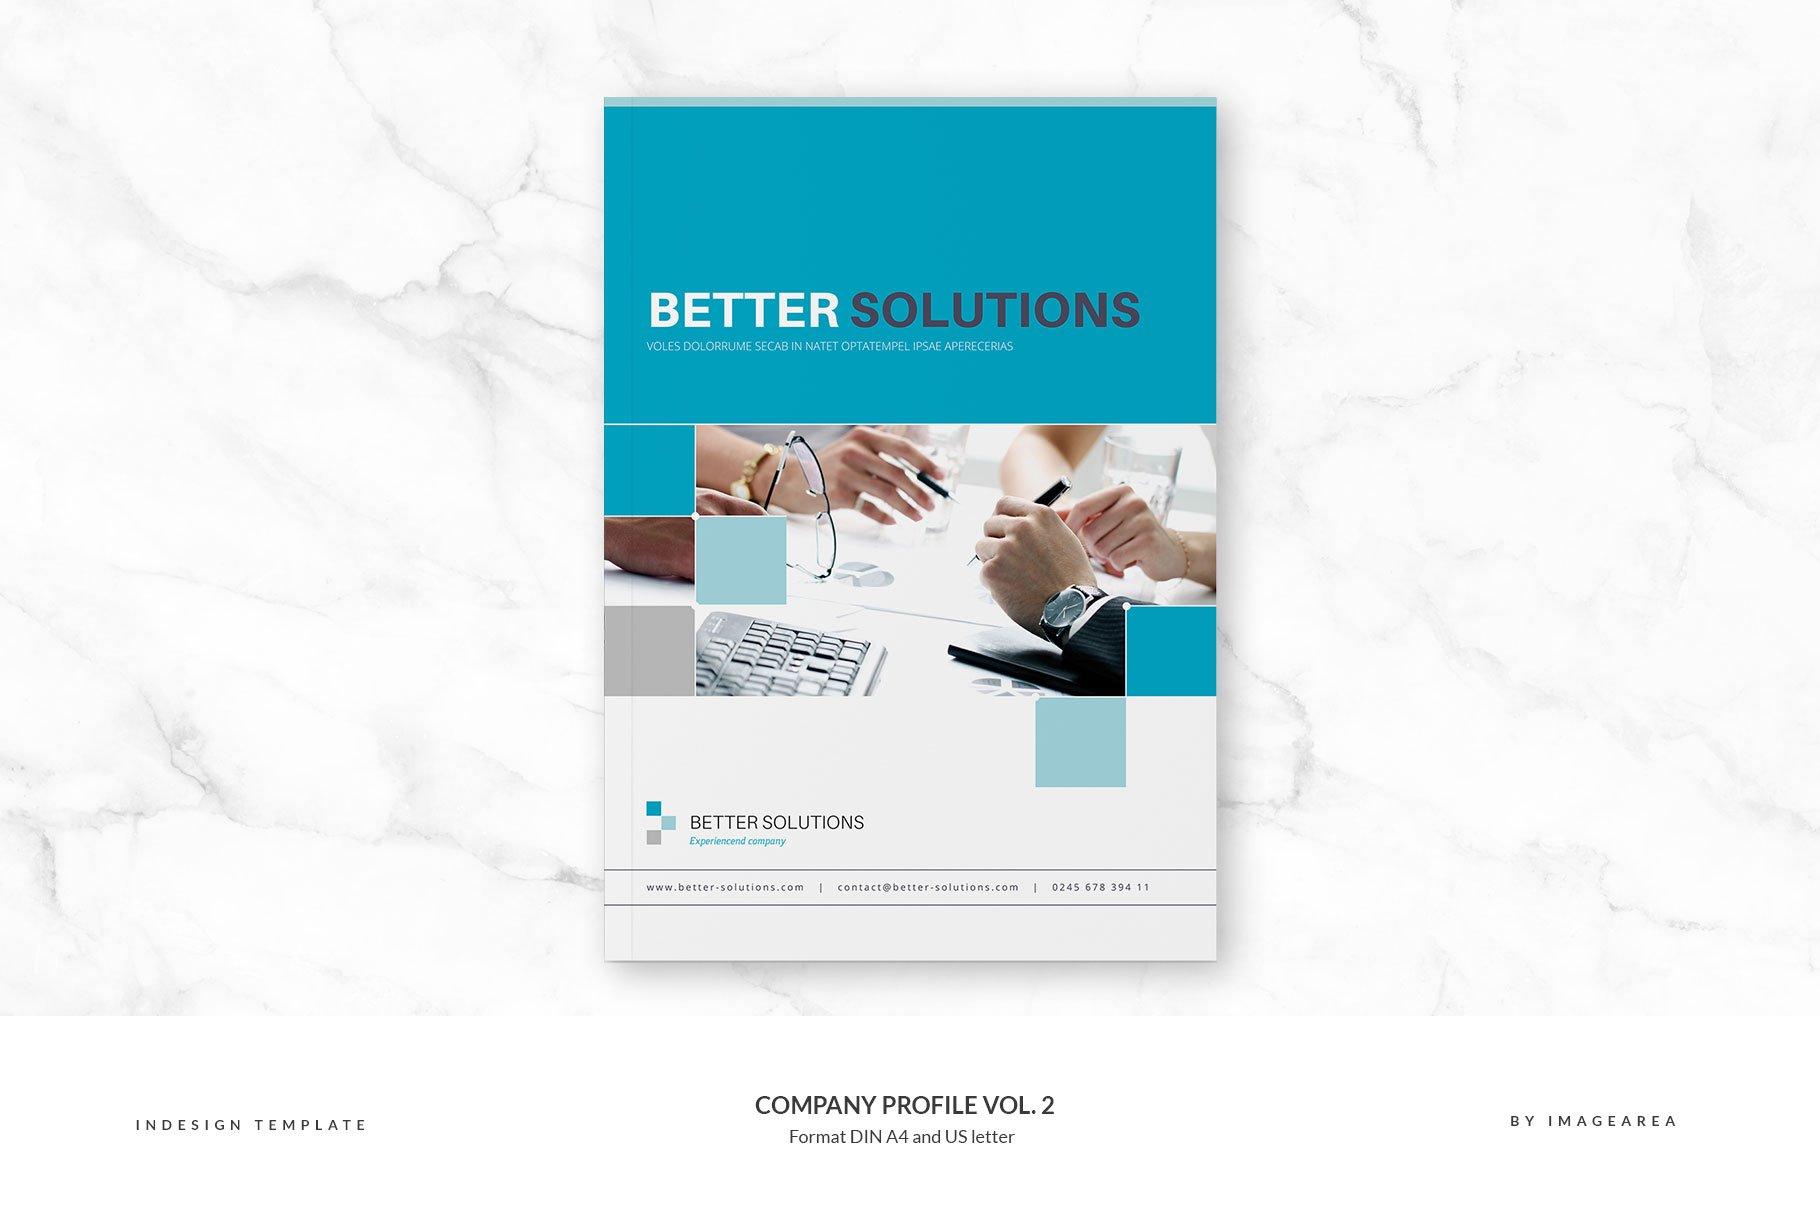 Company Profile Vol 2 Brochure Templates Creative Market Pro